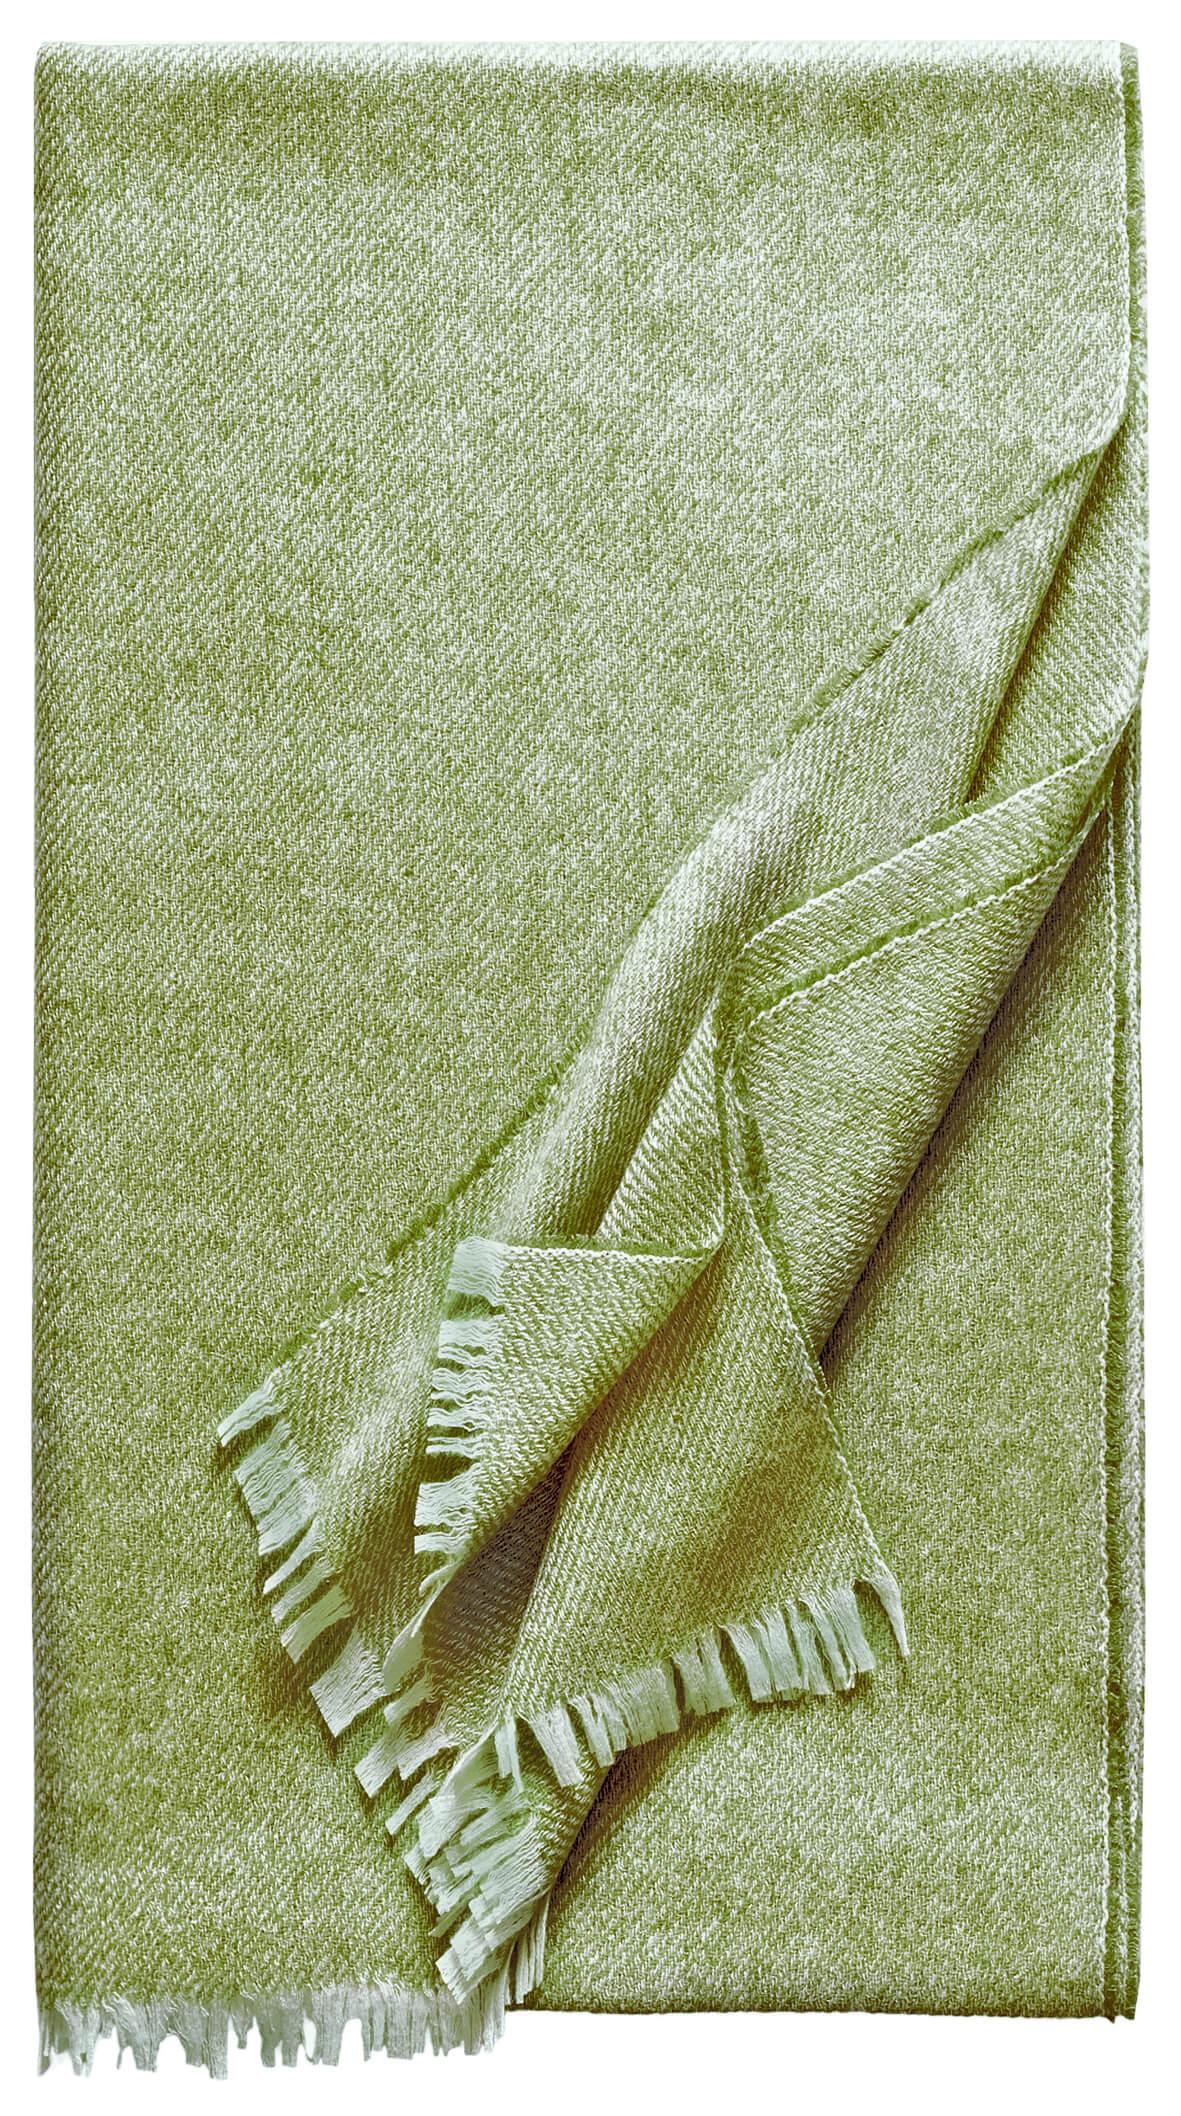 Bild von 011-0109_grün, Variante kiwi